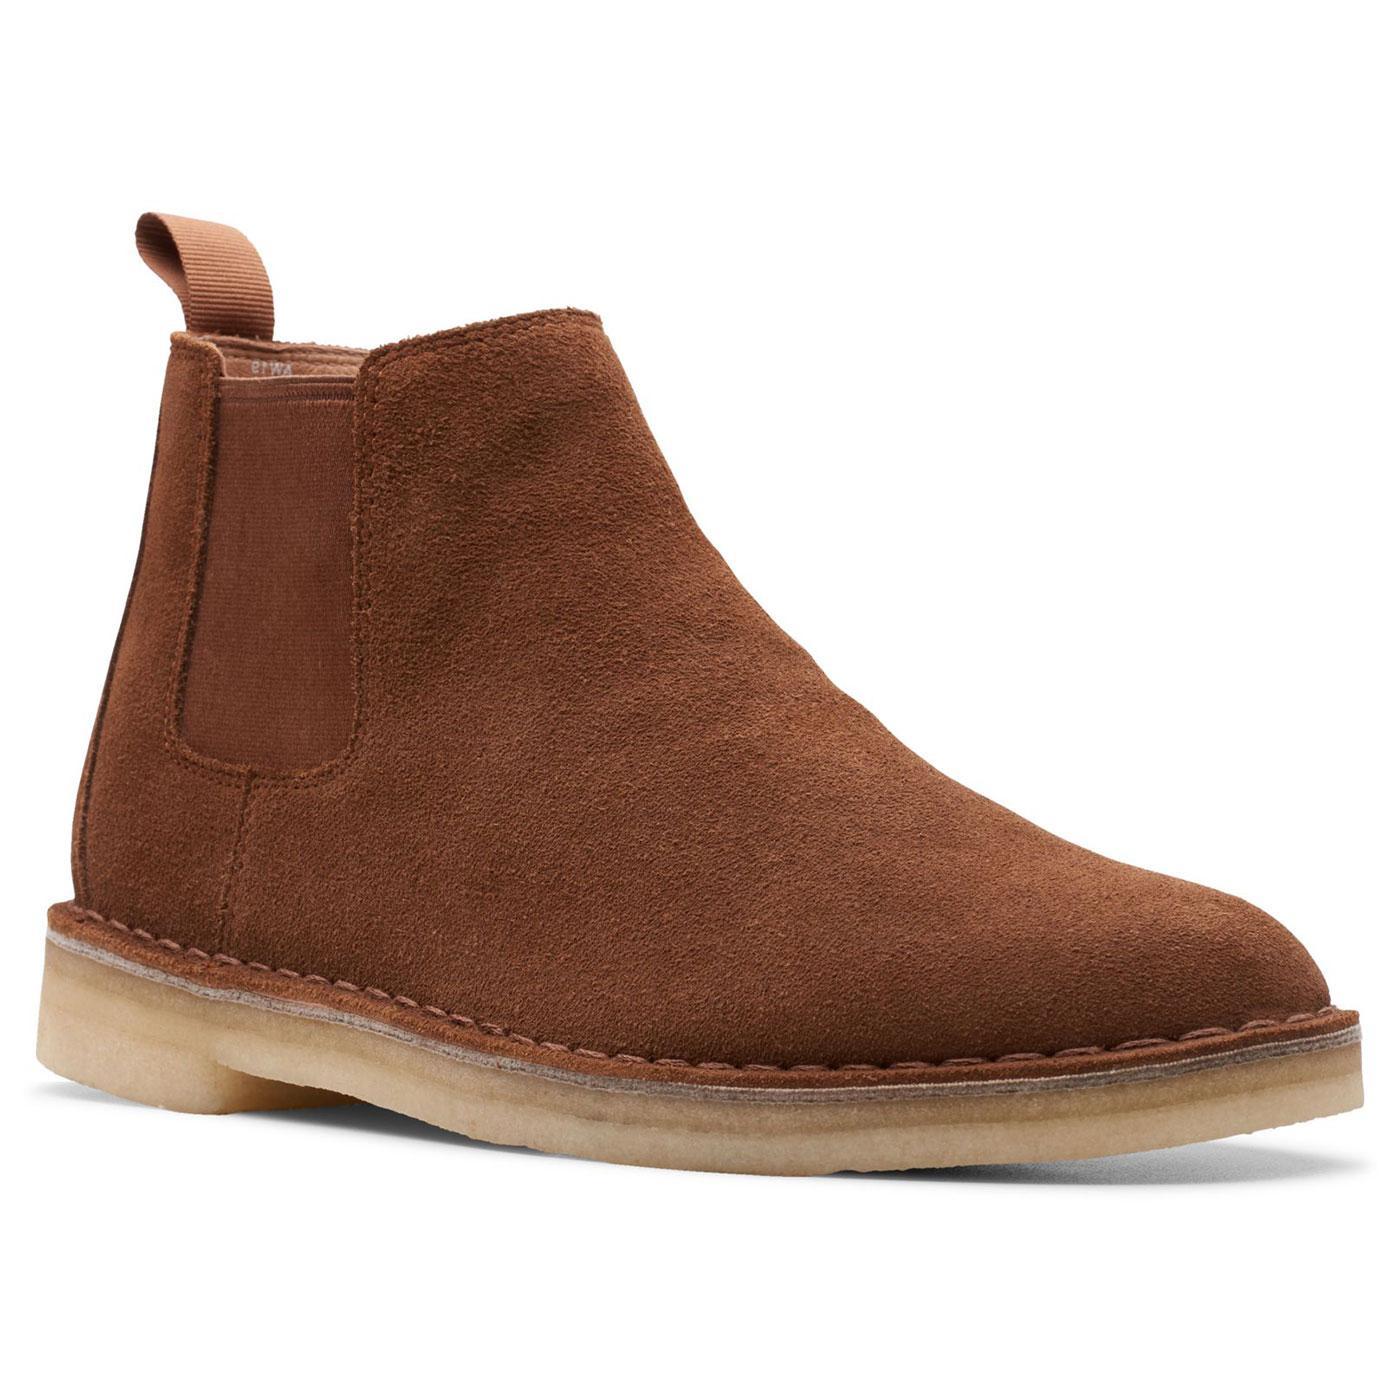 CLARKS ORIGINALS Suede Desert Chelsea Boots COLA